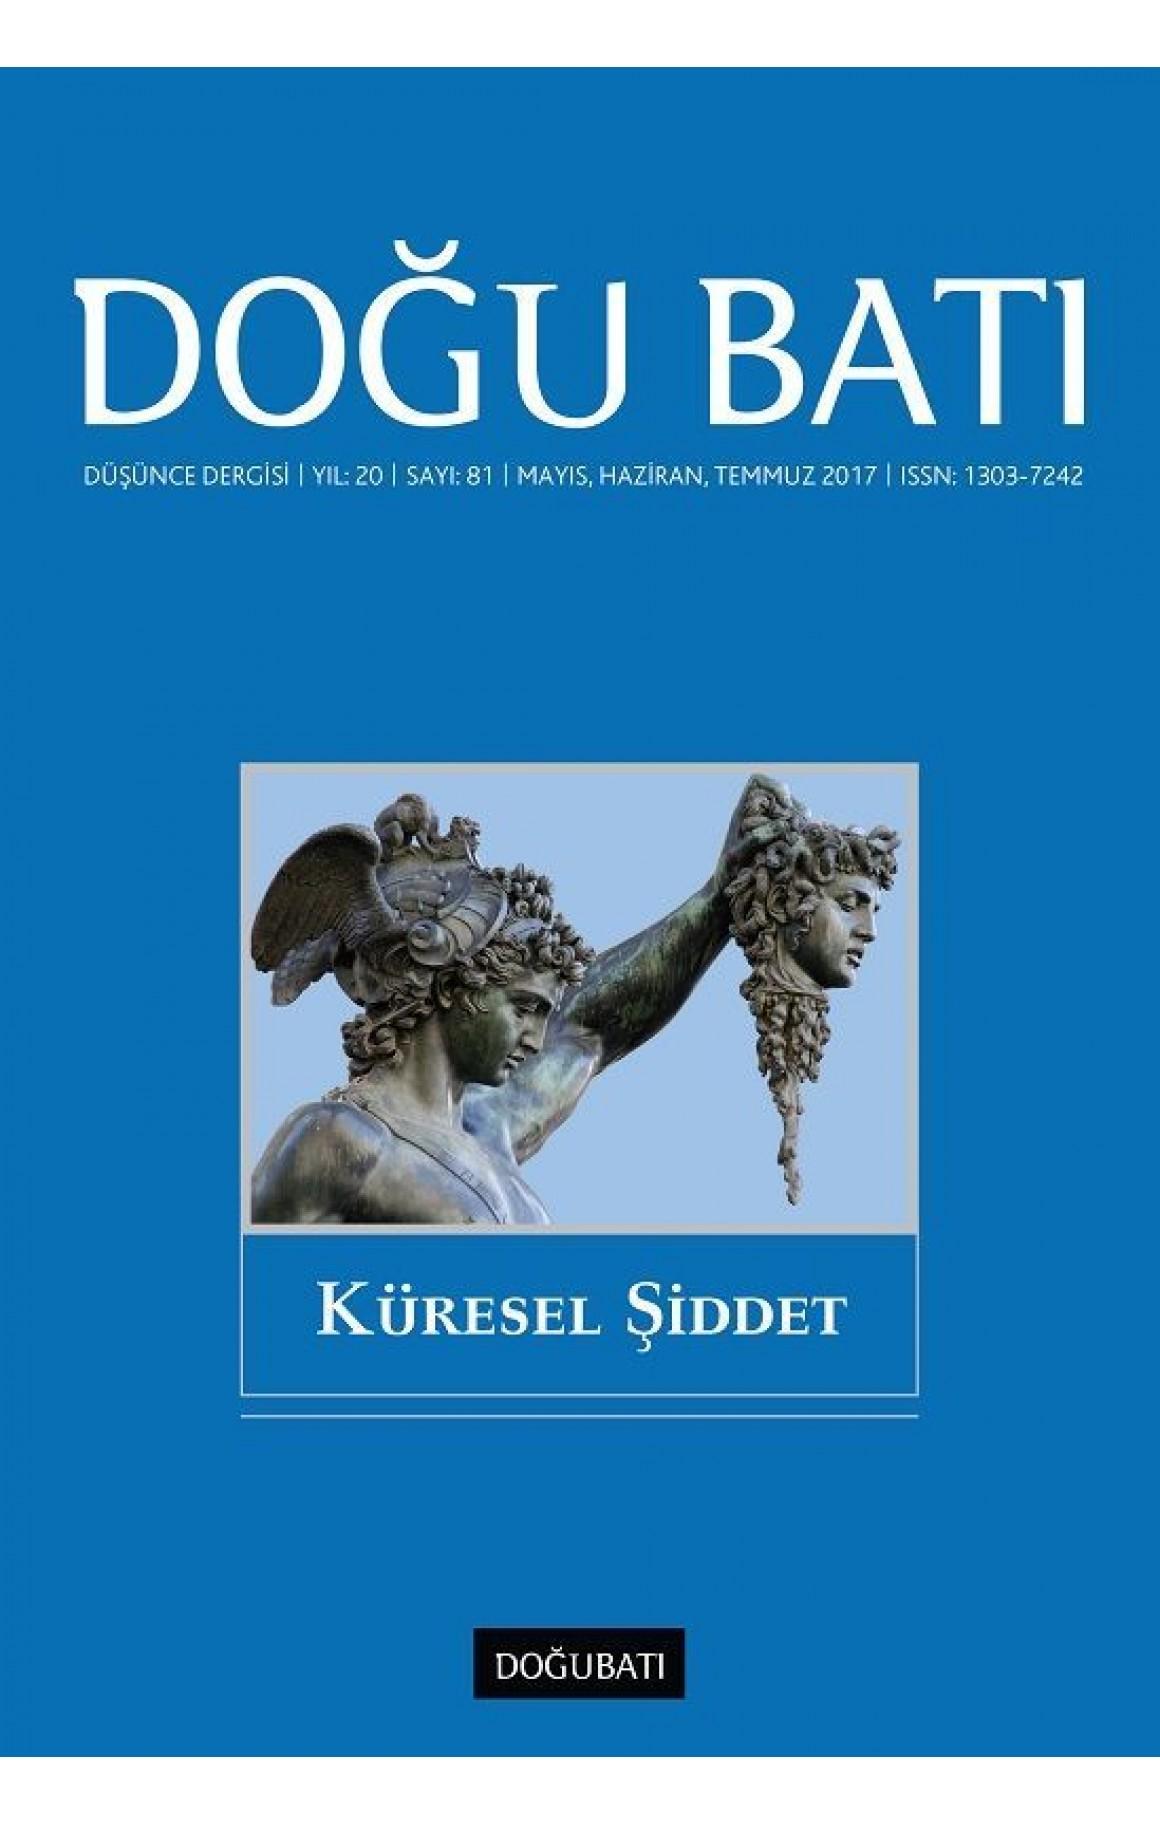 Doğu Batı Dergisi Sayı 81-Küresel Şiddet